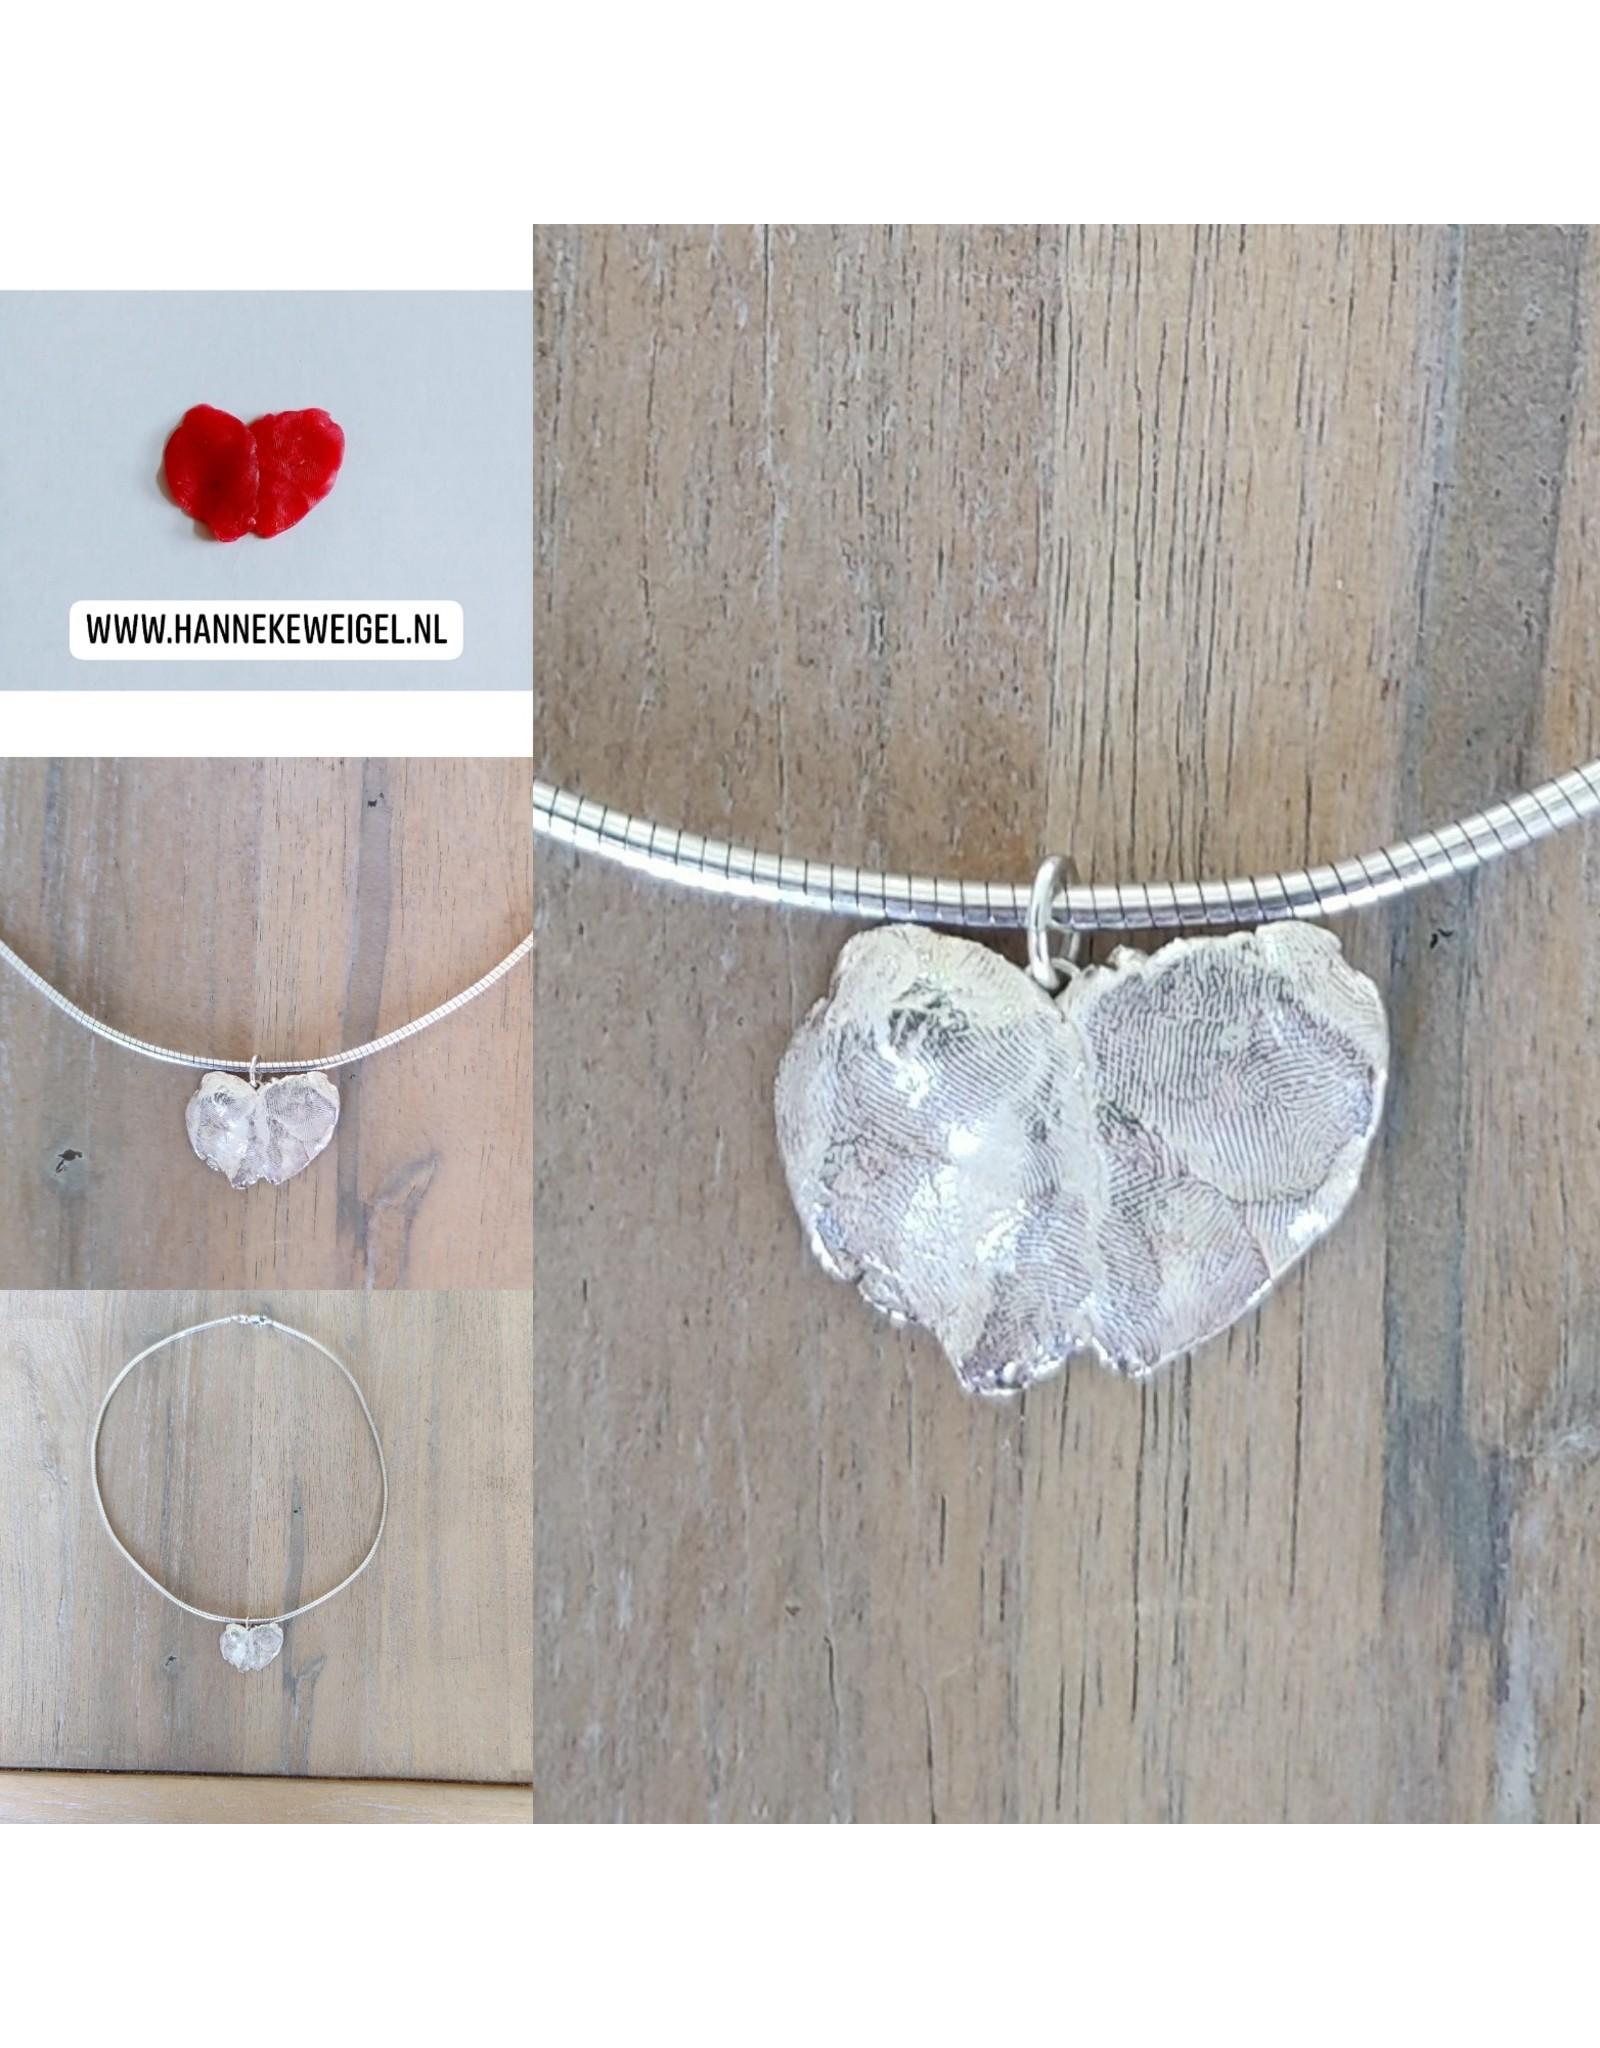 Handmade by Hanneke Weigel Mooie momenten. Maak zelf een zilveren hanger